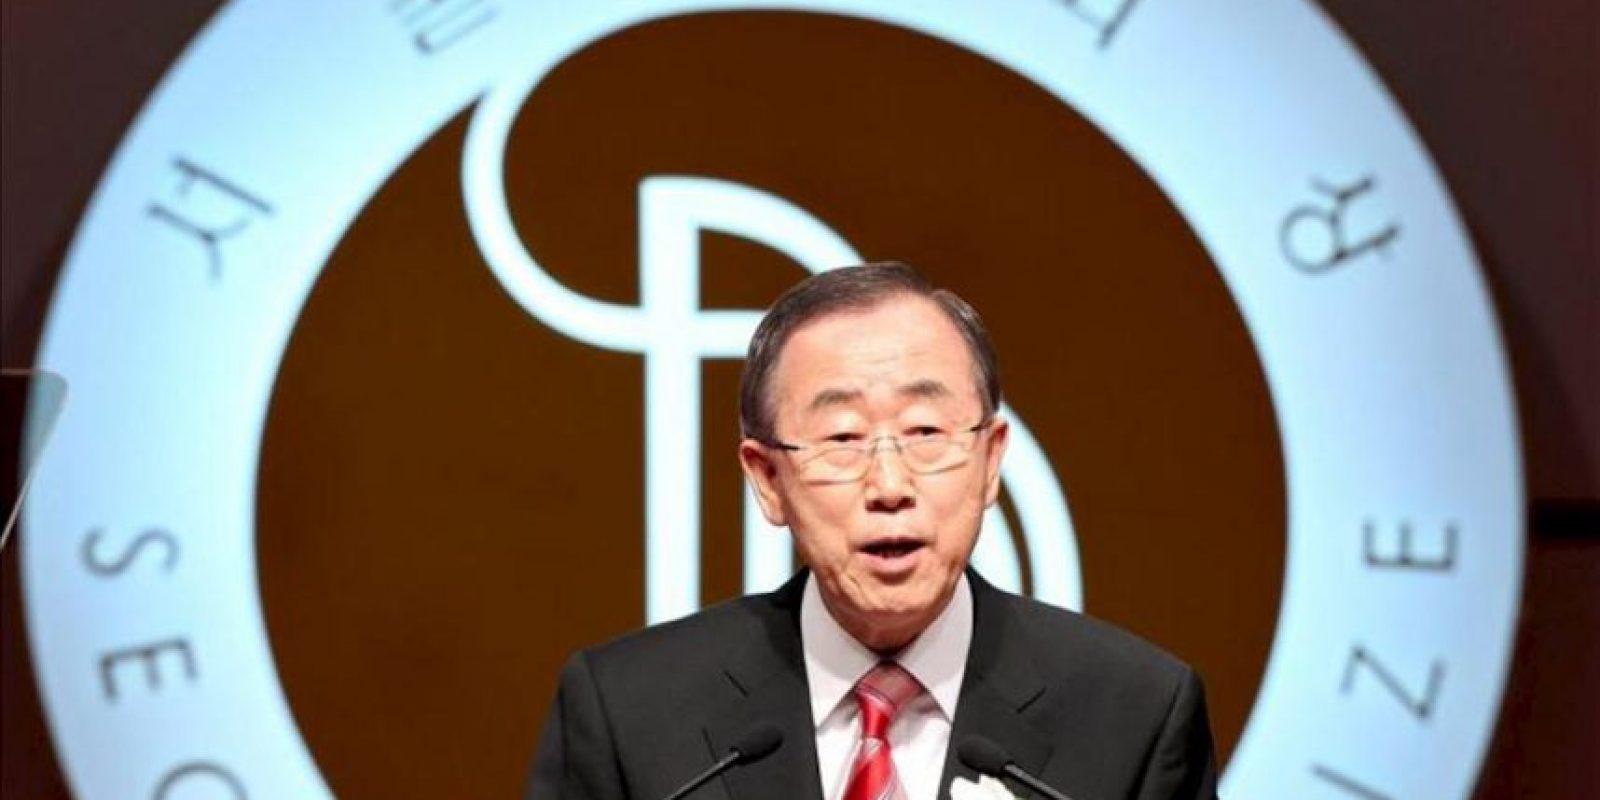 El secretario general de Naciones Unidas, Ban Ki-moon, se dirige a los presentes tras recibir el premio de la Paz de Seúl durante la ceremonia celebrada en Seúl, Corea del Sur, hoy, lunes 29 de octubre. EFE